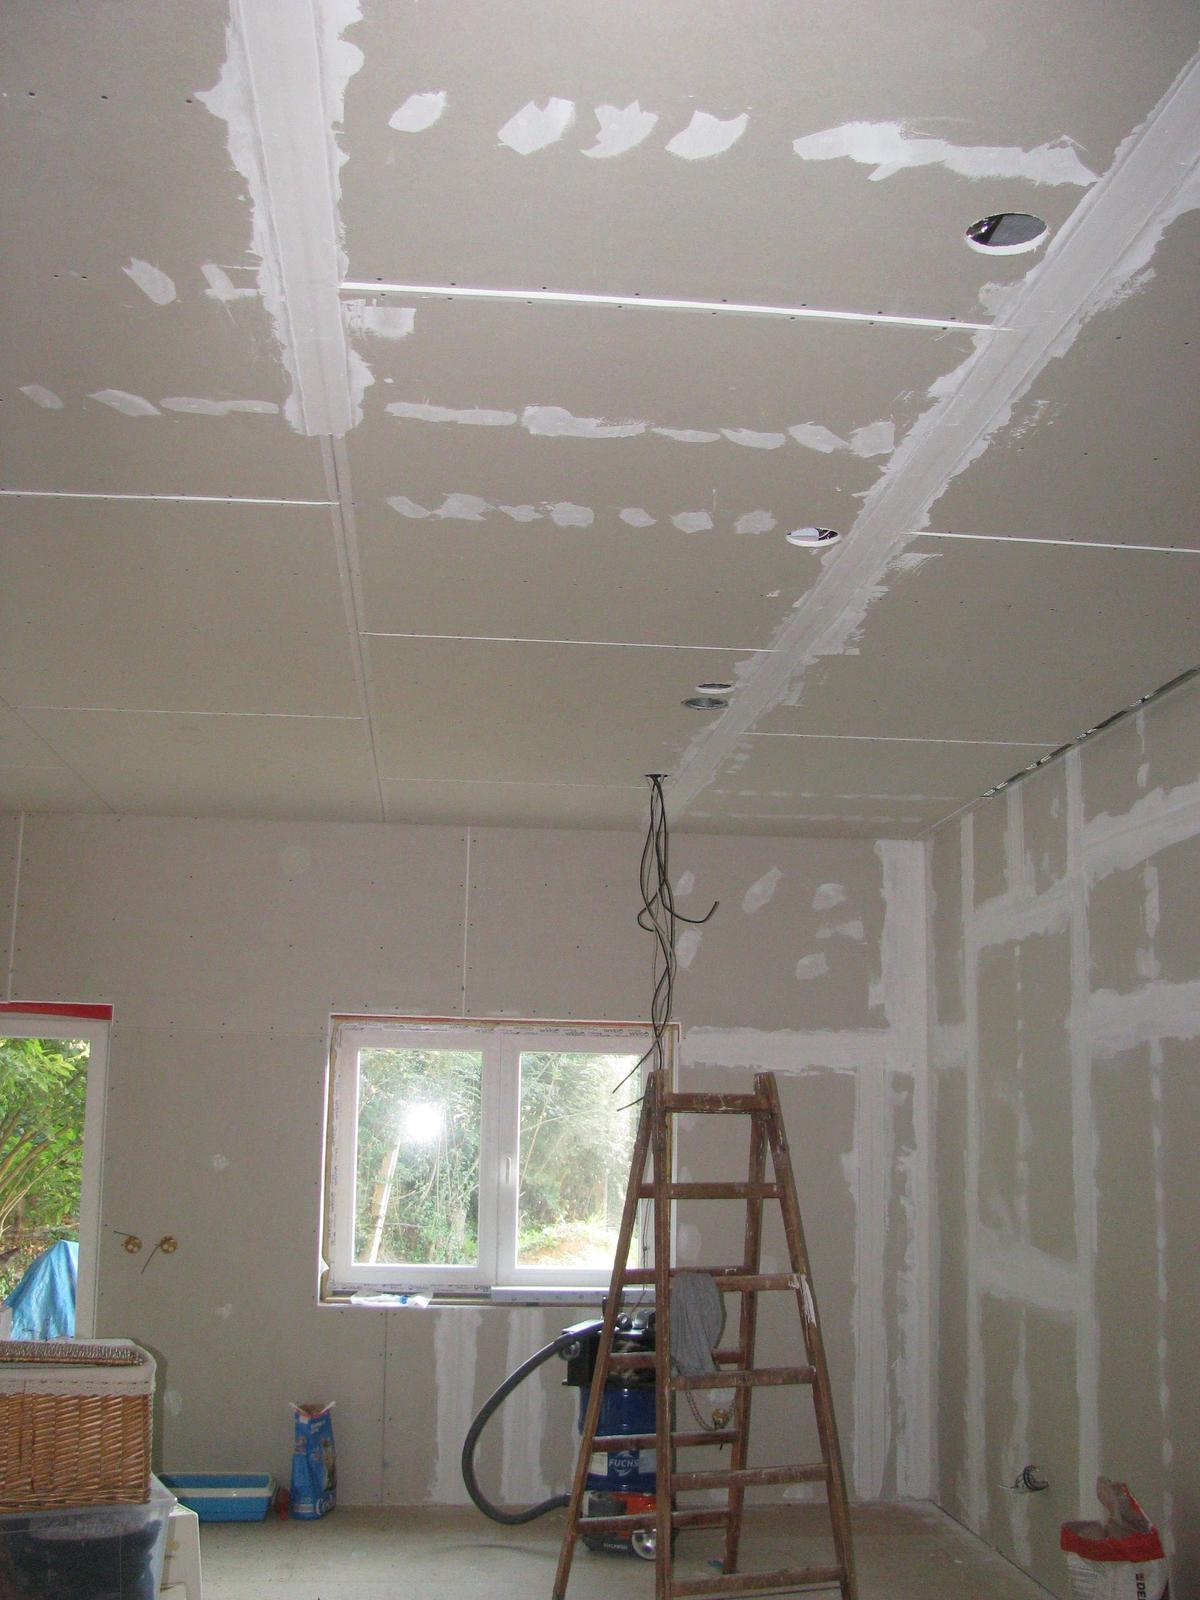 Pasivní dřevostavba - Hýskov - opláštění 48m2 stropu + vzduchotechnika, elektro... a trvalo mi to jen od května do září :D  nějak furt není čas dělat u sebe doma :)